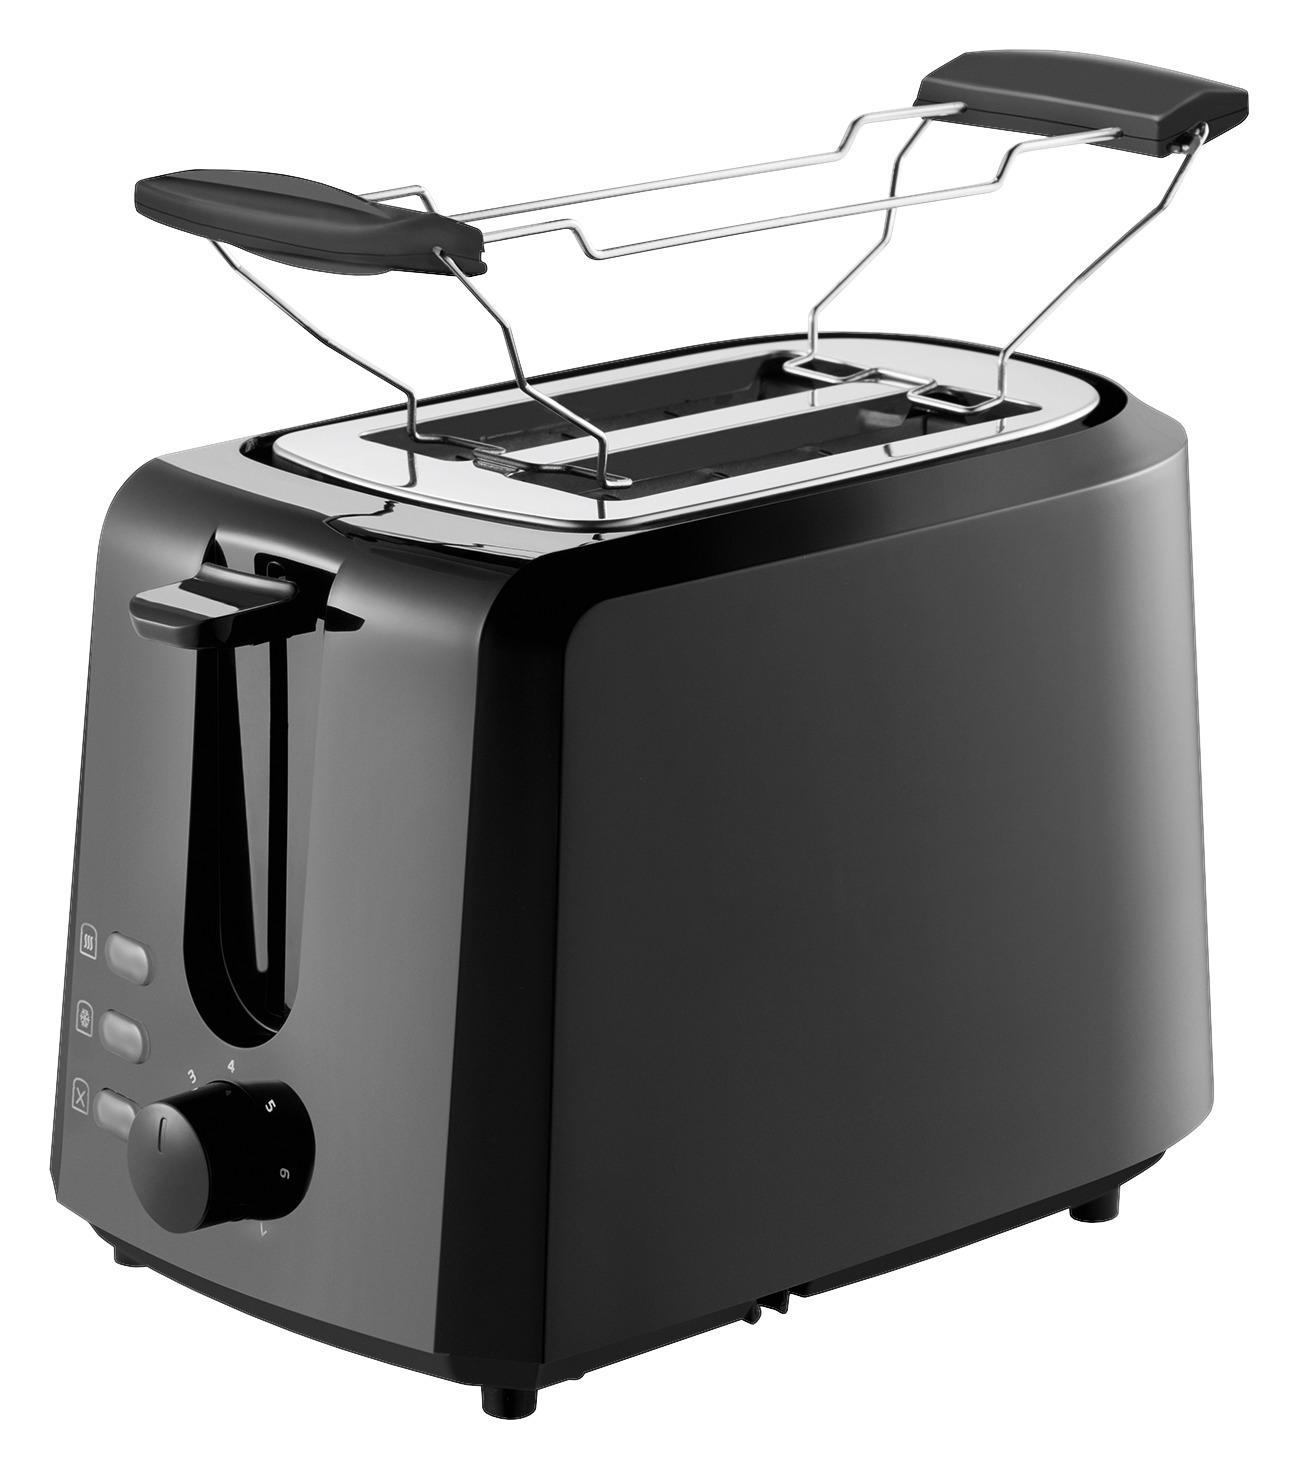 Grundig TA 4620 Toaster mit Brötchenaufsatz + Wärmfunktion